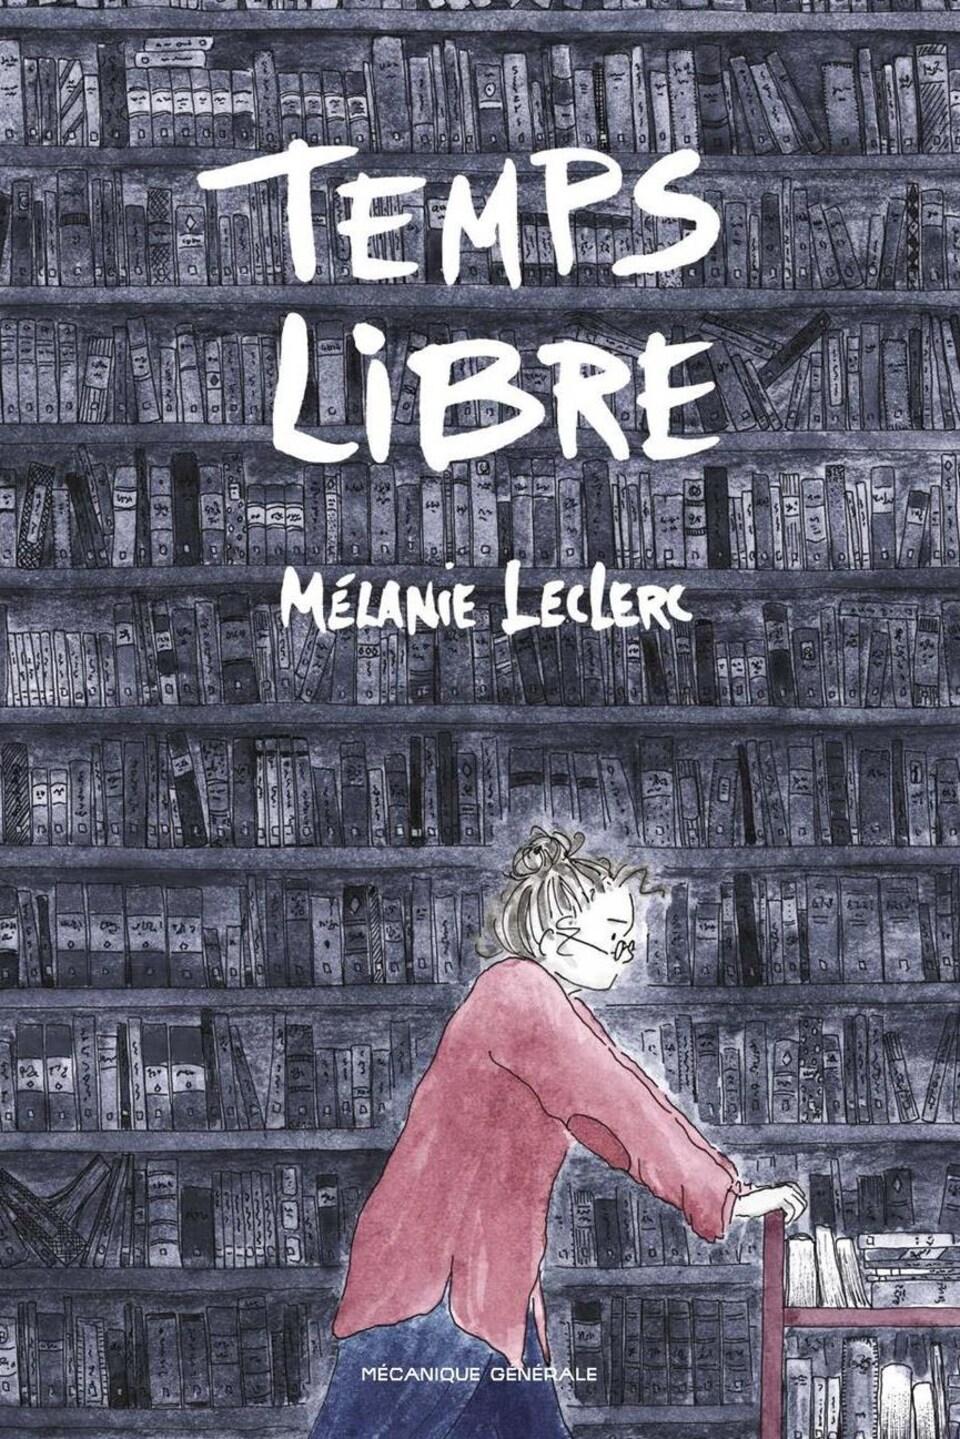 Page couverture de la bande dessinée. Une femme pousse un chariot de livres devant une immense bibliothèque remplie de livres.